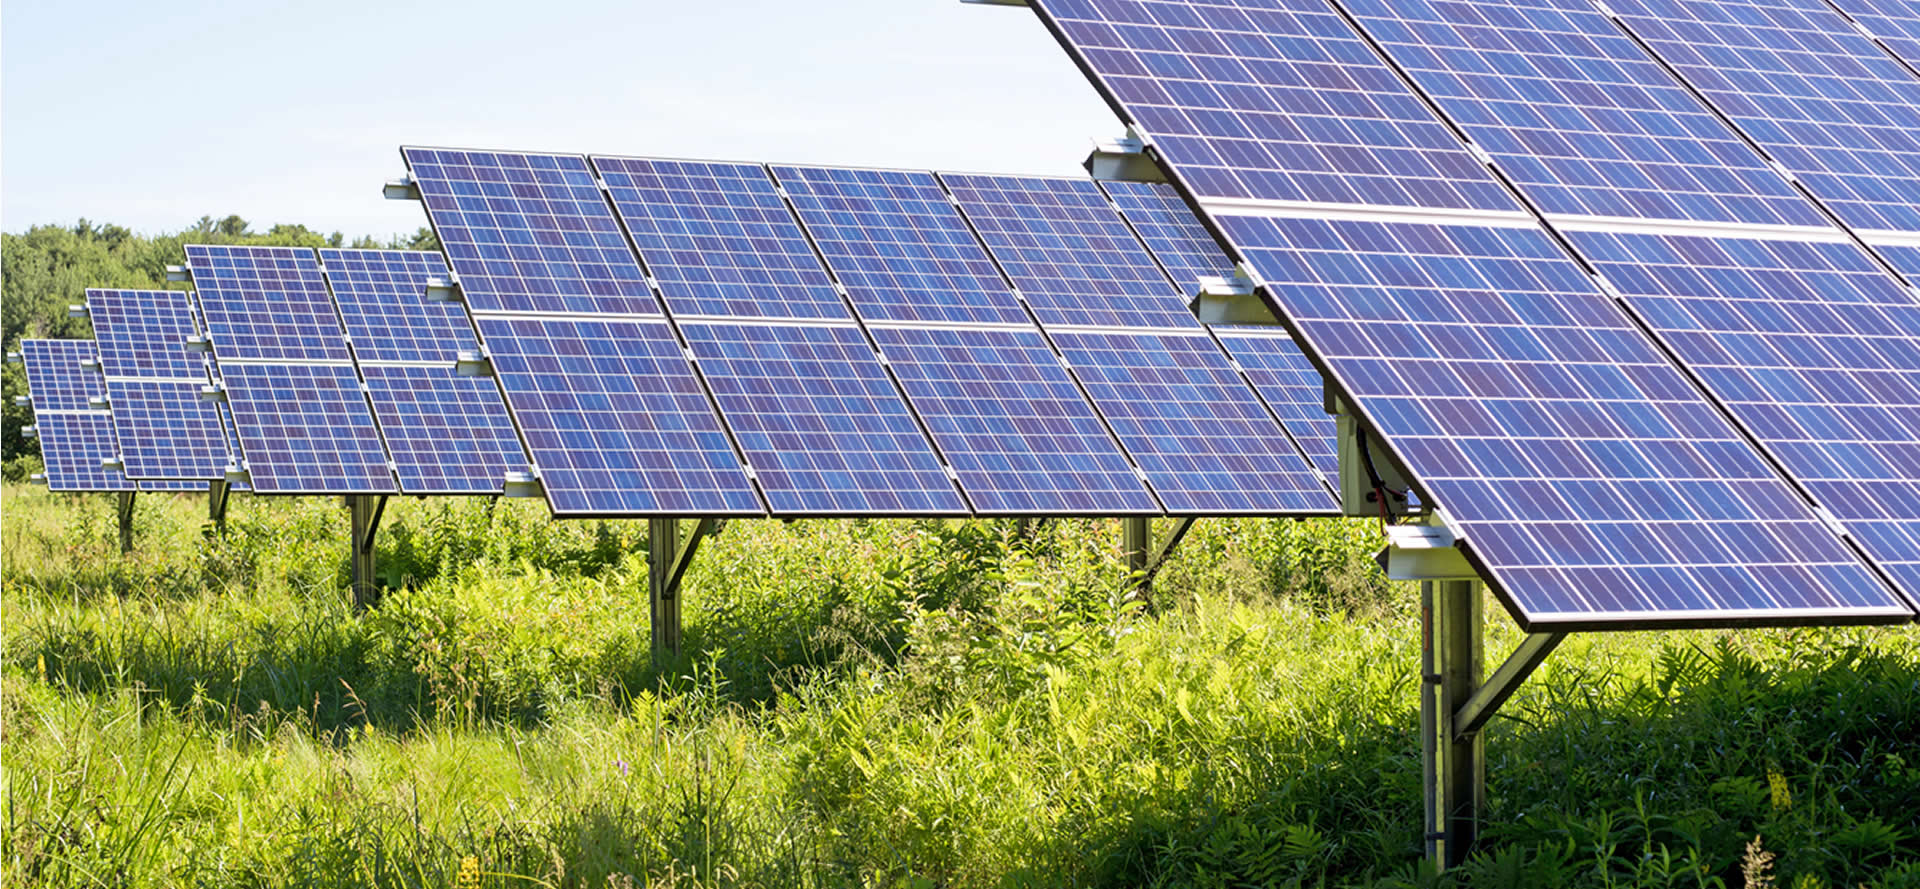 fazenda solar betim - Fazenda solar - Tudo que você precisa saber para investir